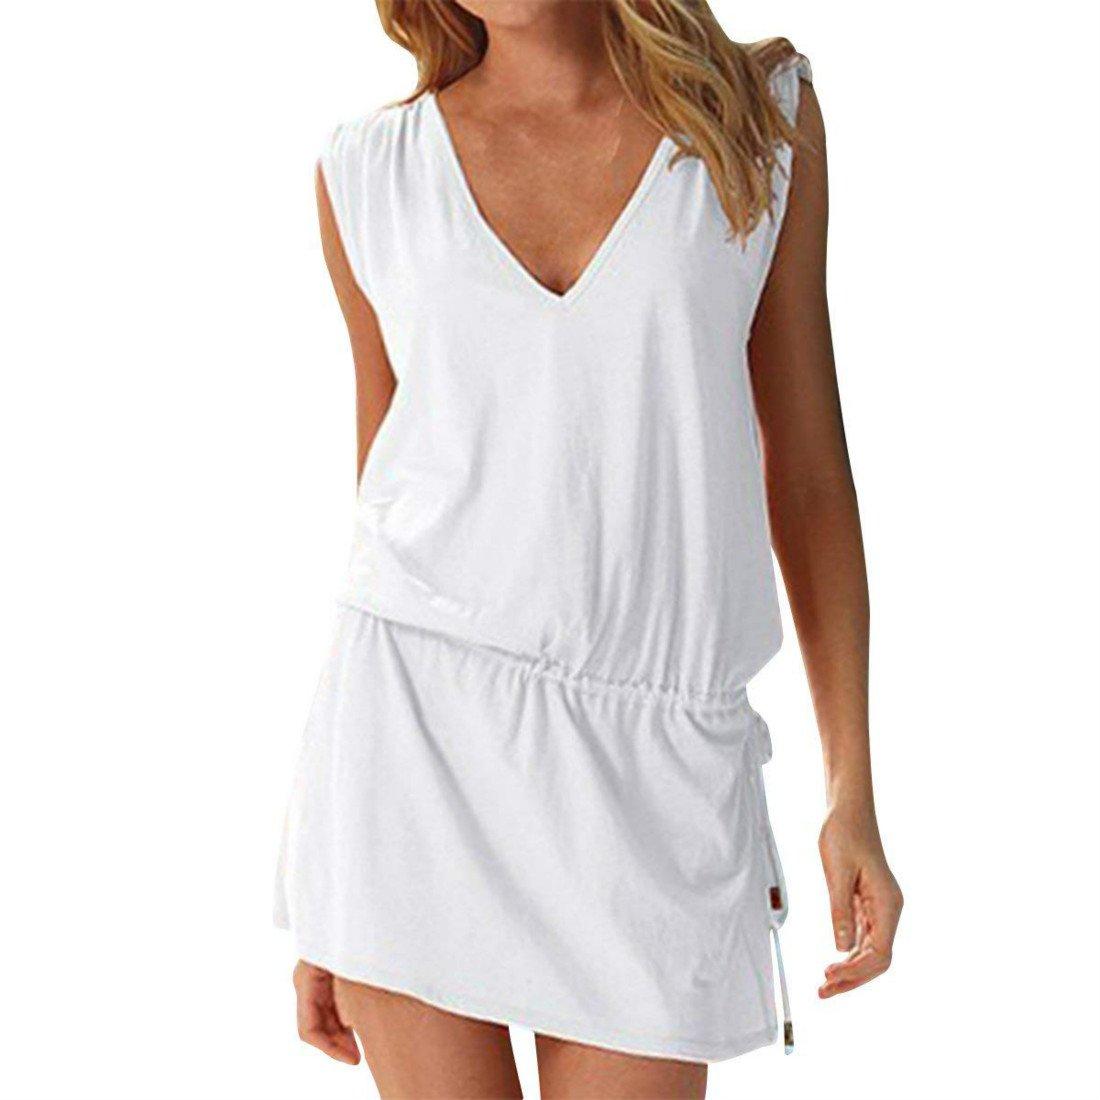 HALT Women's Beach Swimsuit Cover up Deep V-Neck Short Mini Dress Open-Back Beach Skirt